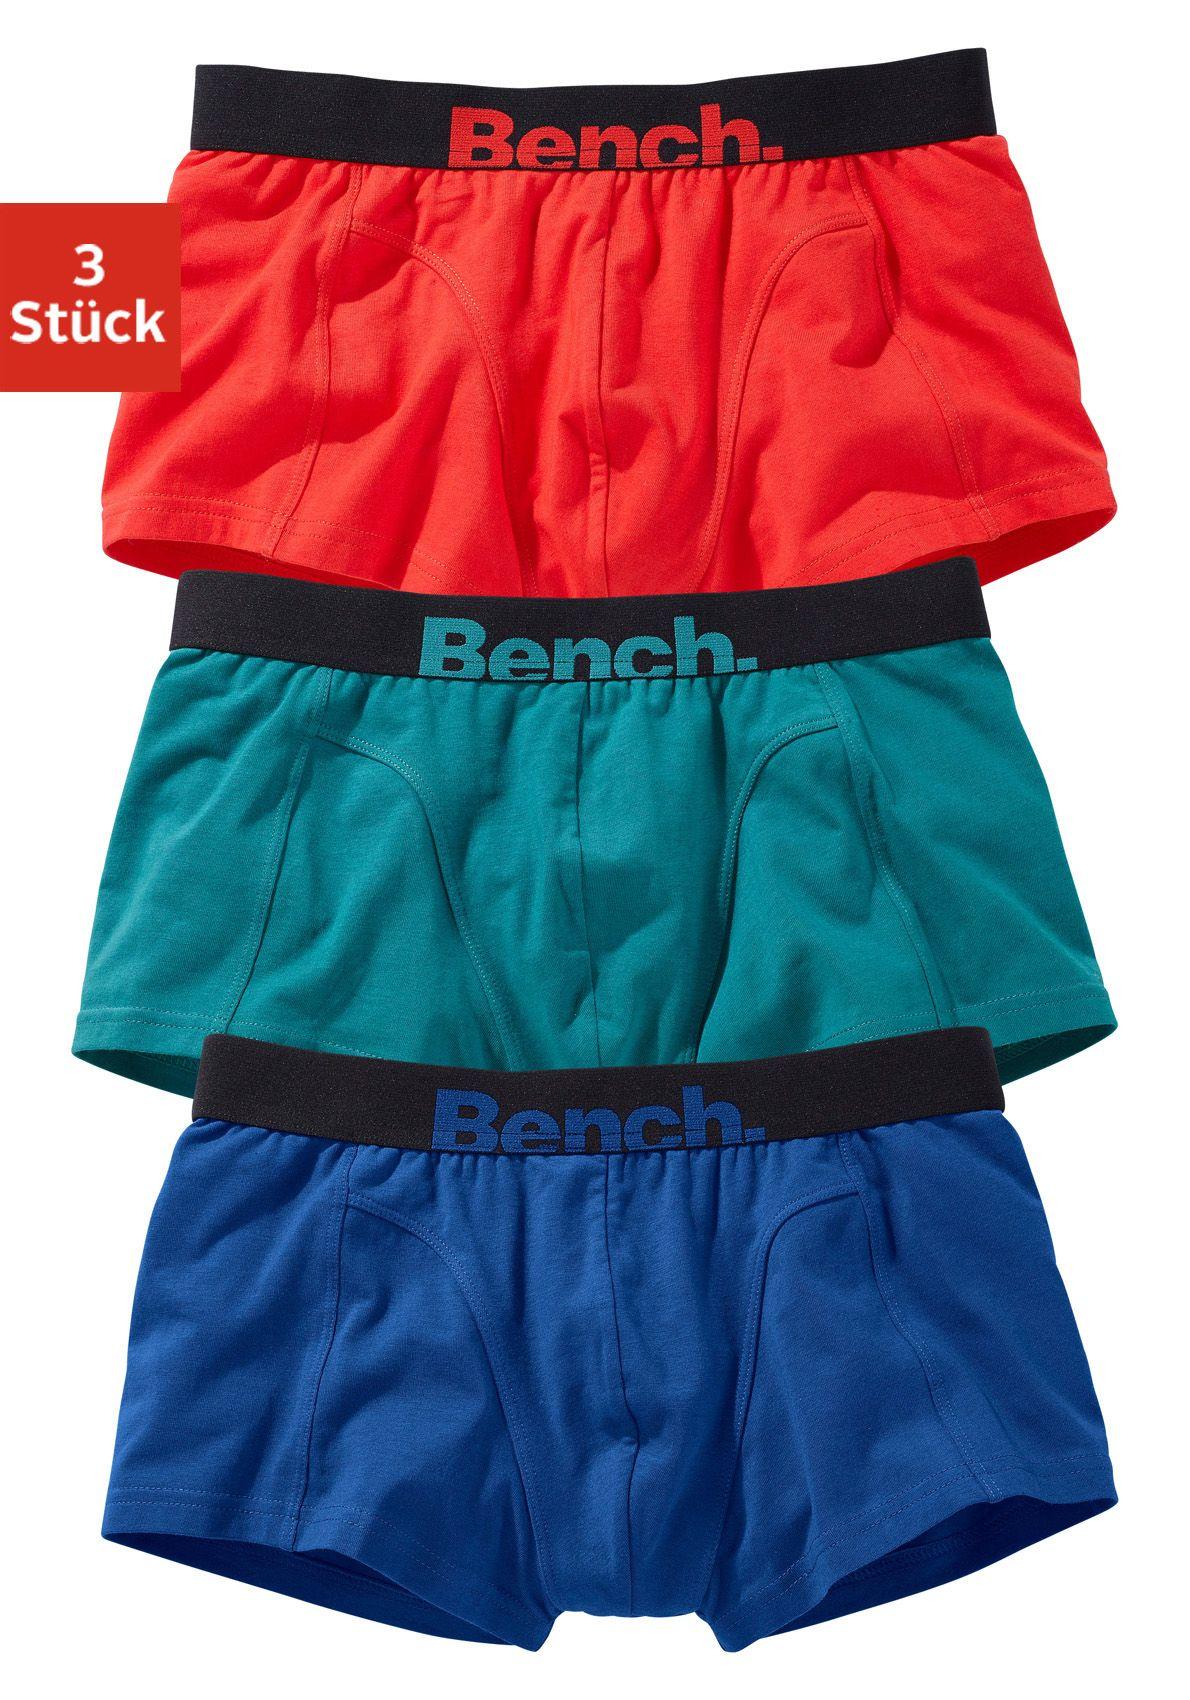 BENCH Bench Hipster (3 Stück) mit farbigem Logodruck am Bund, »Cotton made in Africa«